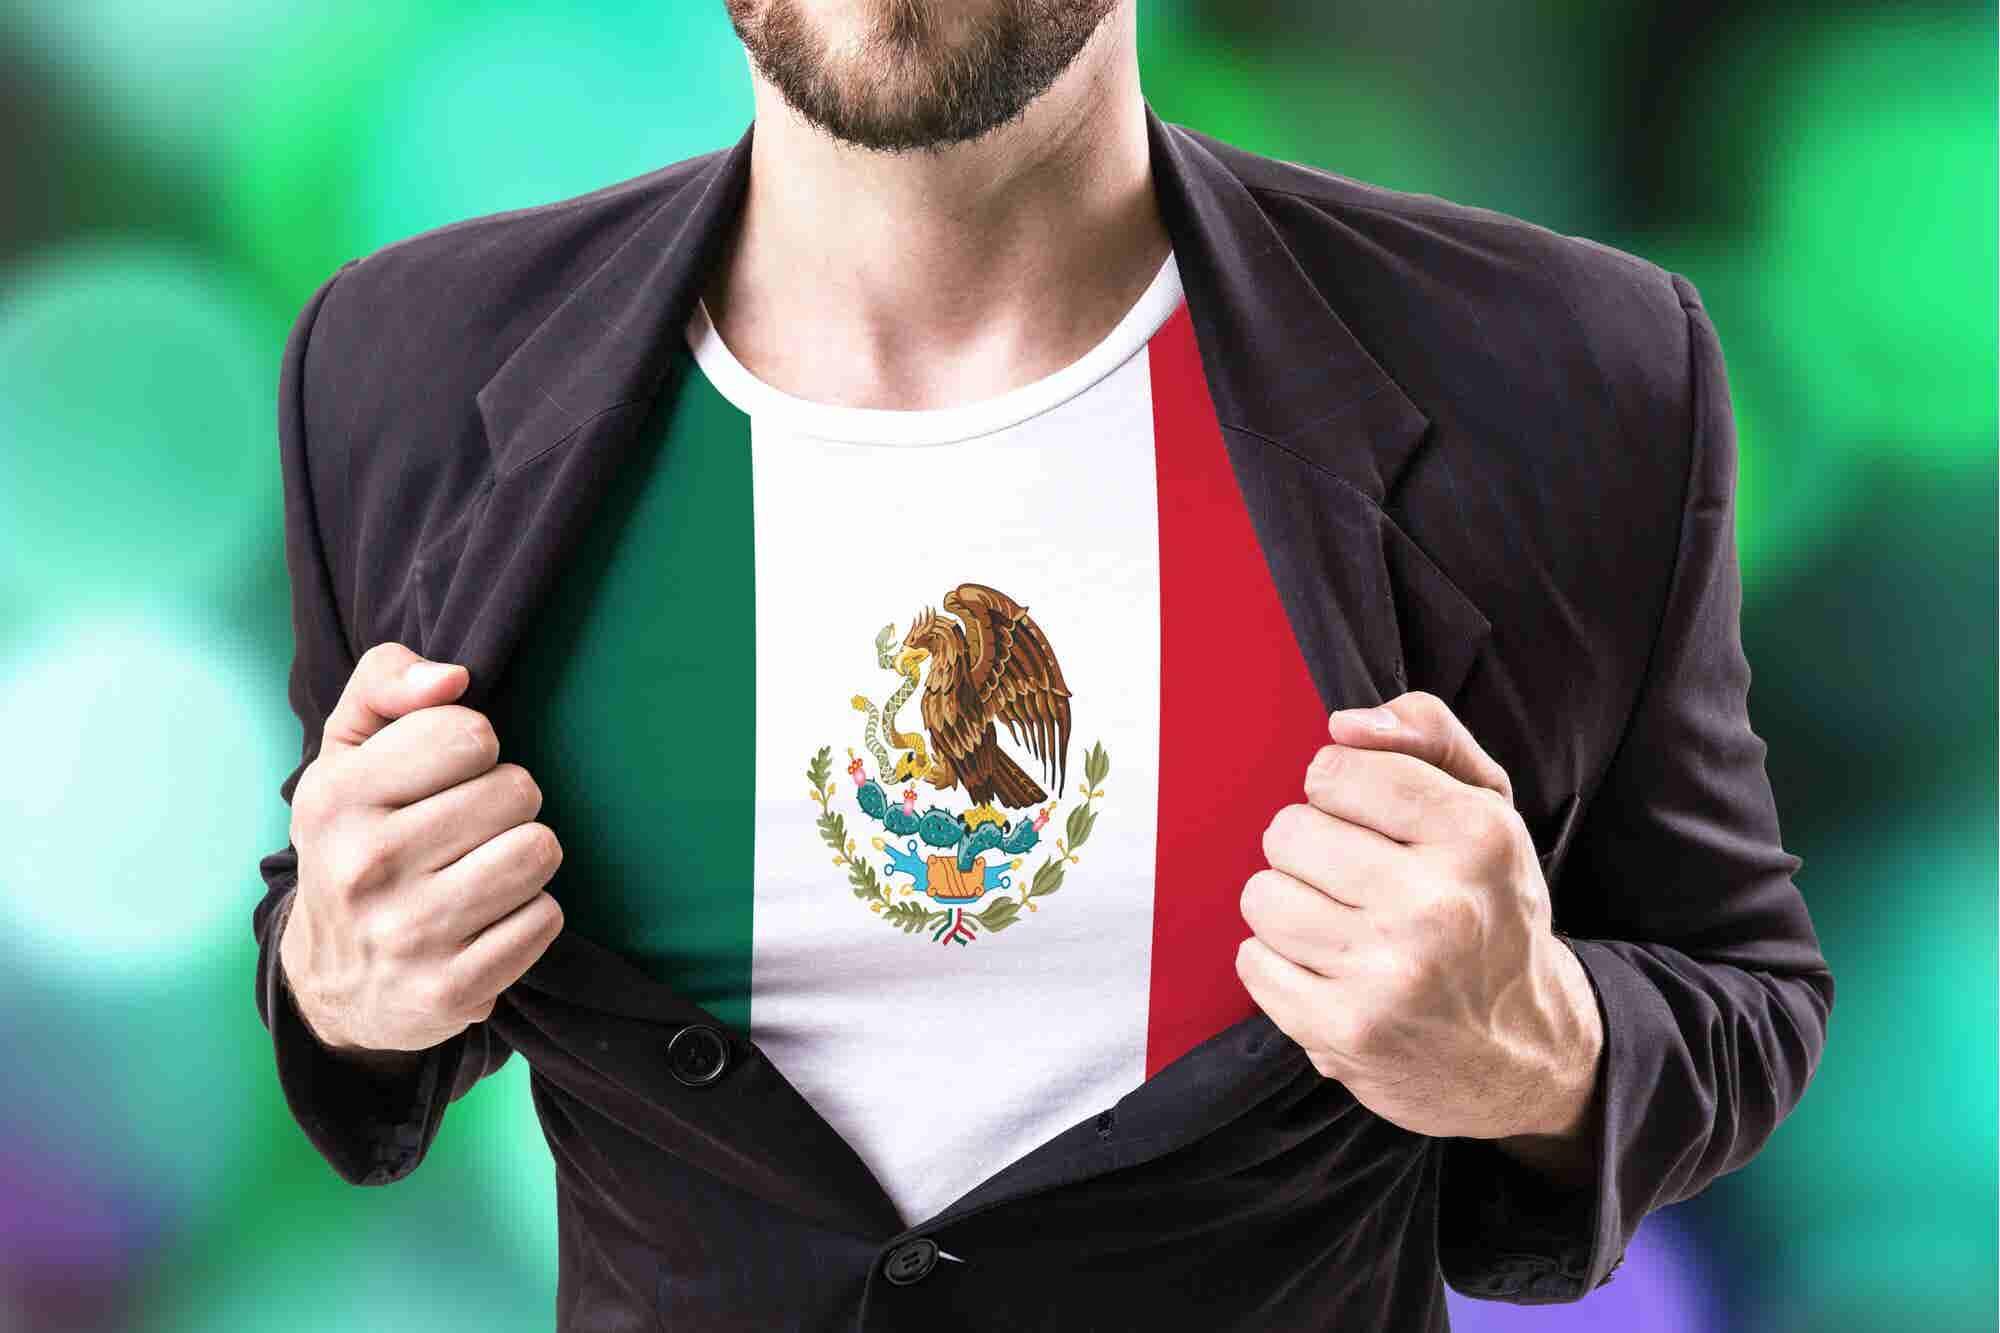 ¡Viva México! 5 plataformas que destacan el orgullo mexicano